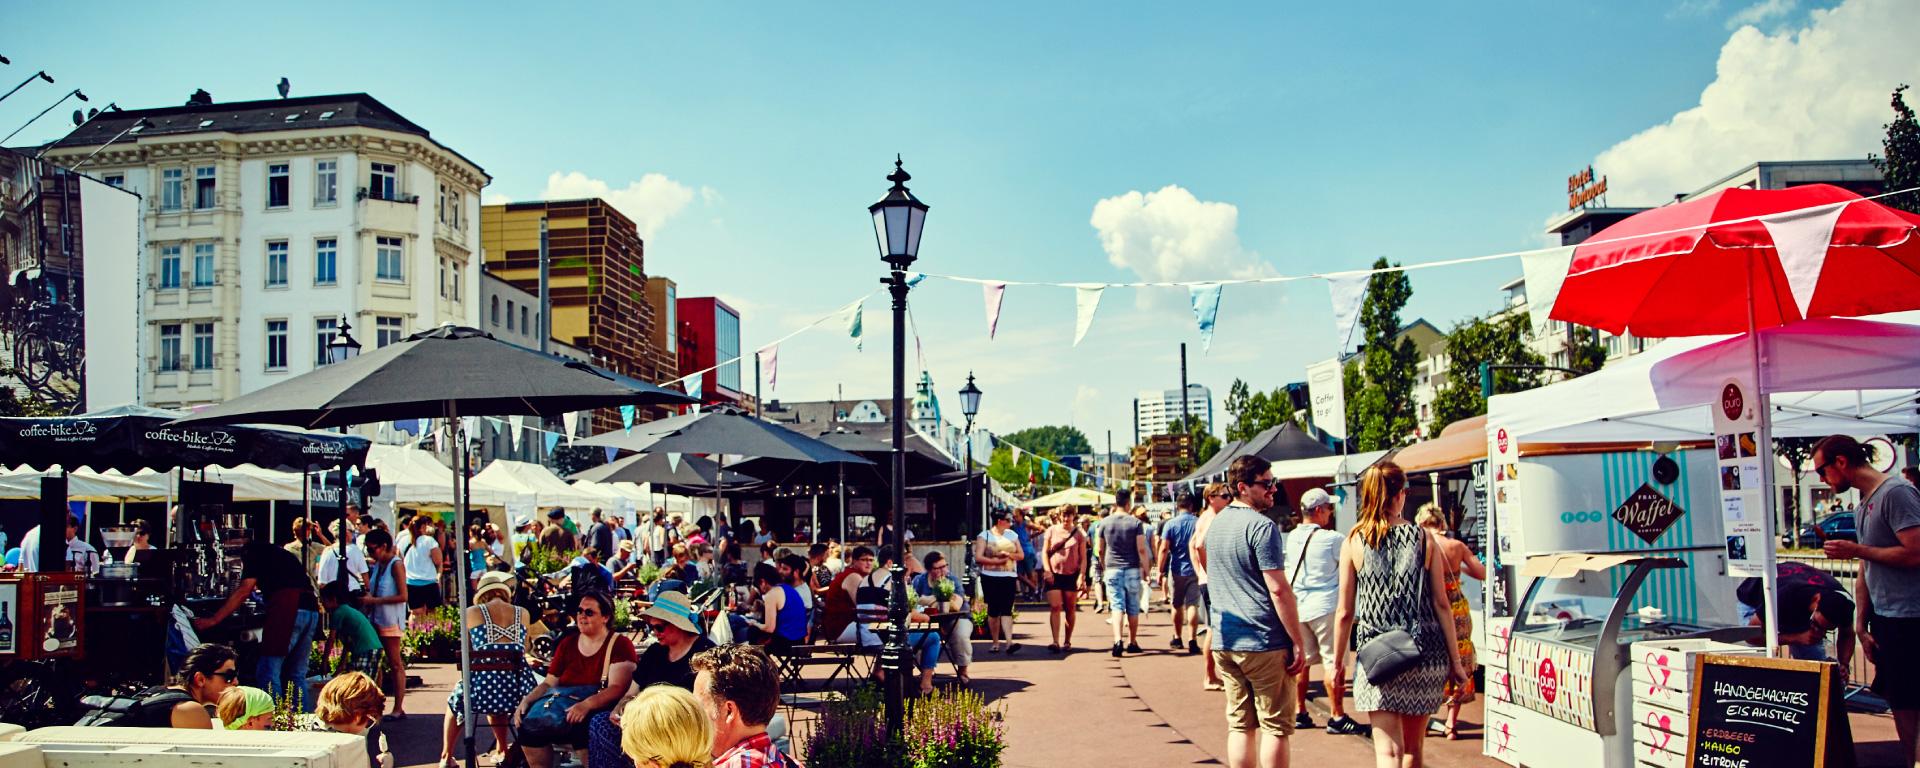 Viertel Meile Design Market